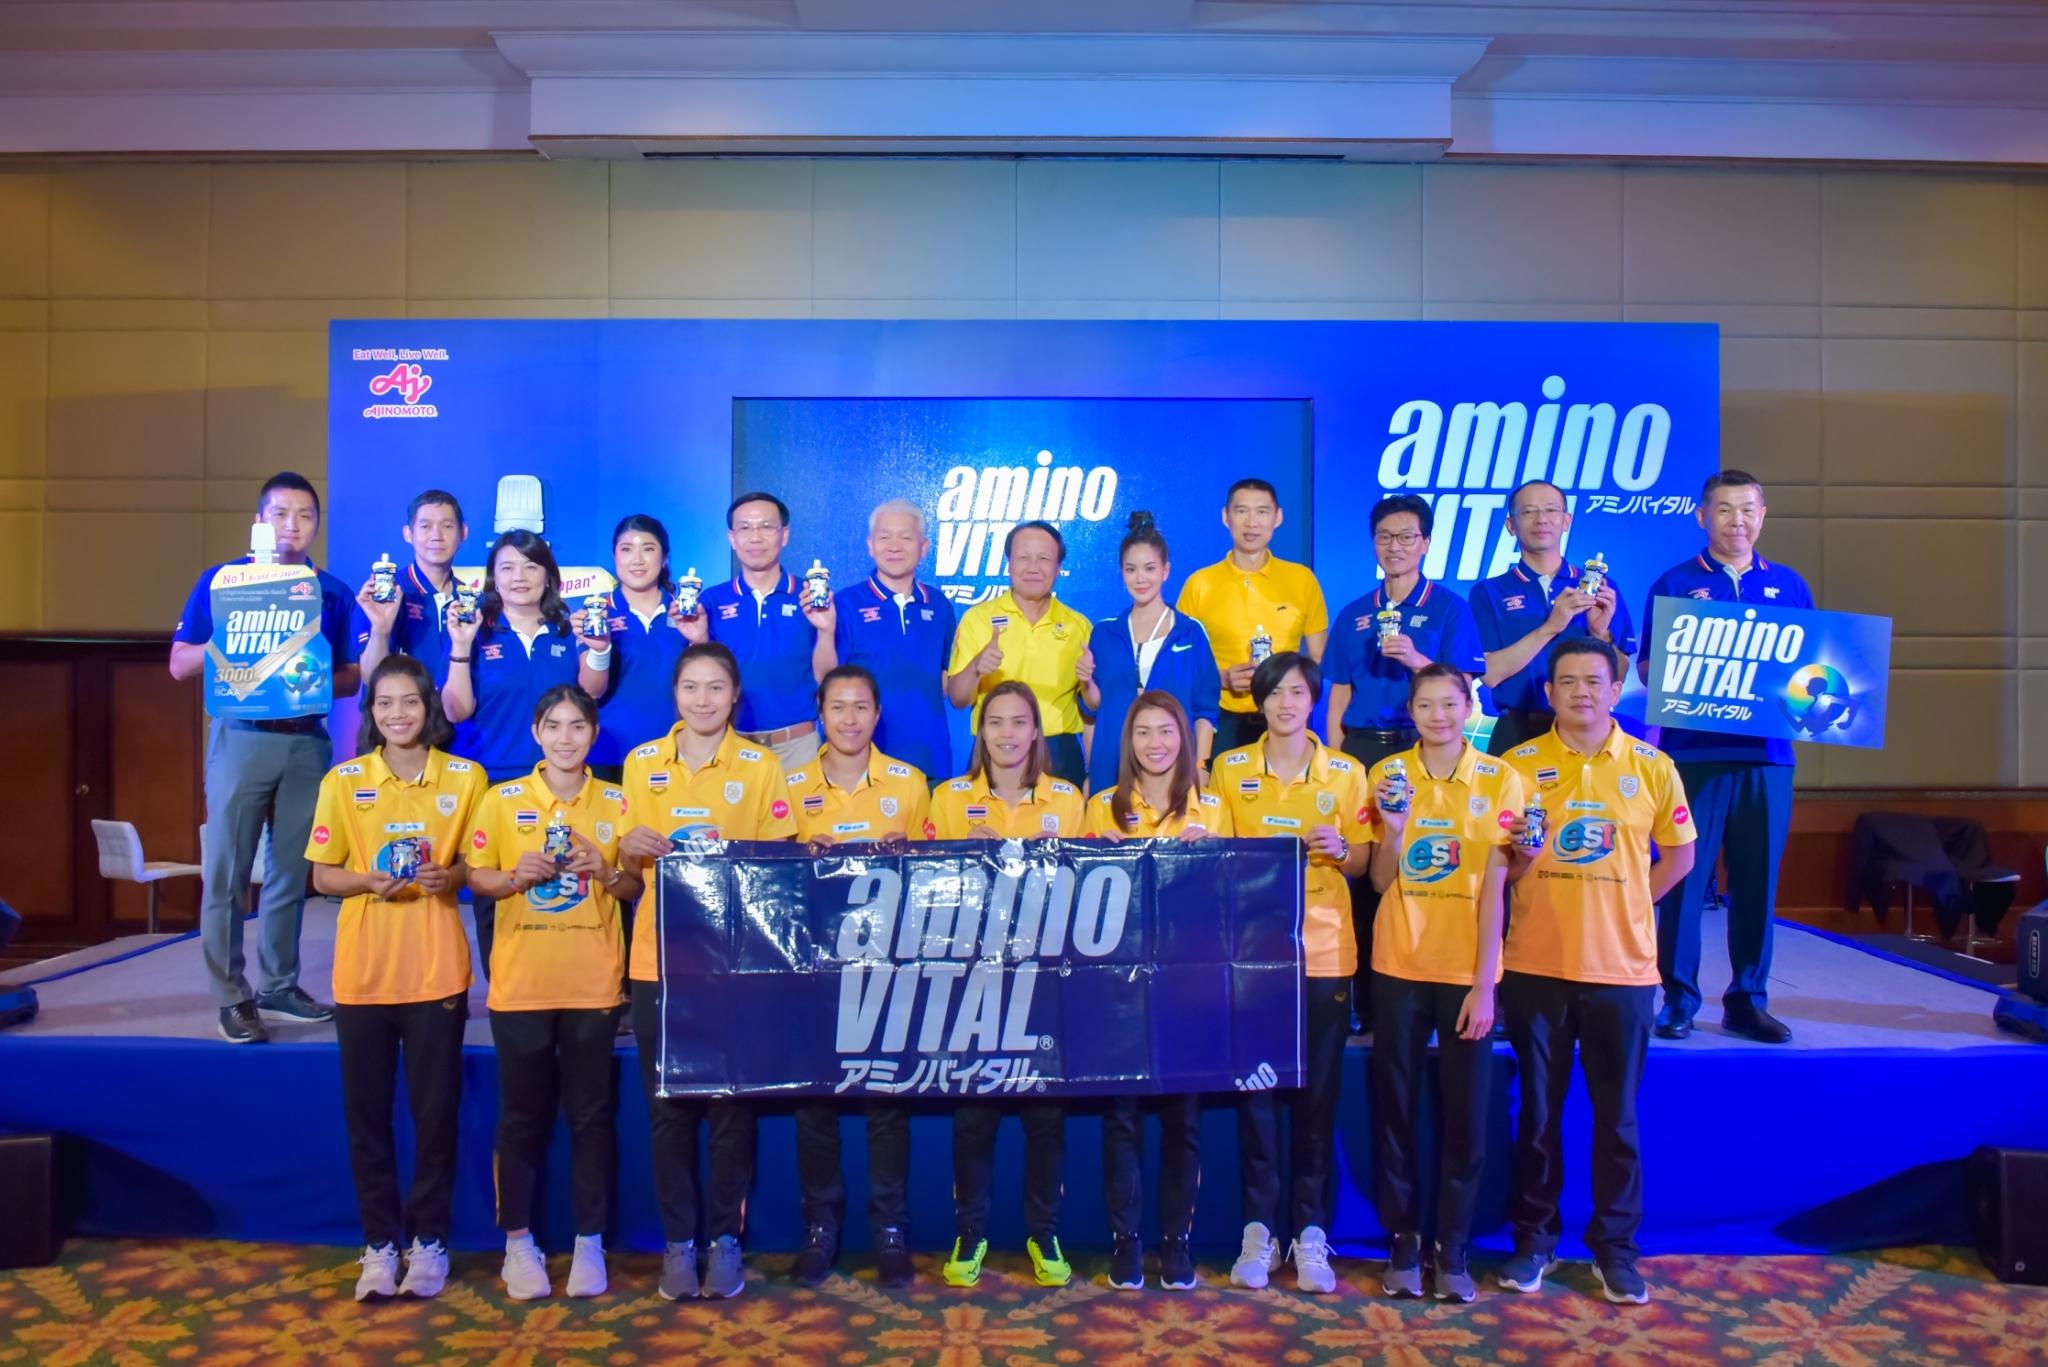 """อายิโนะโมะโต๊ะ เปิดตัวผลิตภัณฑ์ใหม่ """"aminoVITAL®""""  ผลิตภัณฑ์ด้านกรดอะมิโนสำหรับนักกีฬาและผู้ชื่นชอบการออกกำลังกาย"""